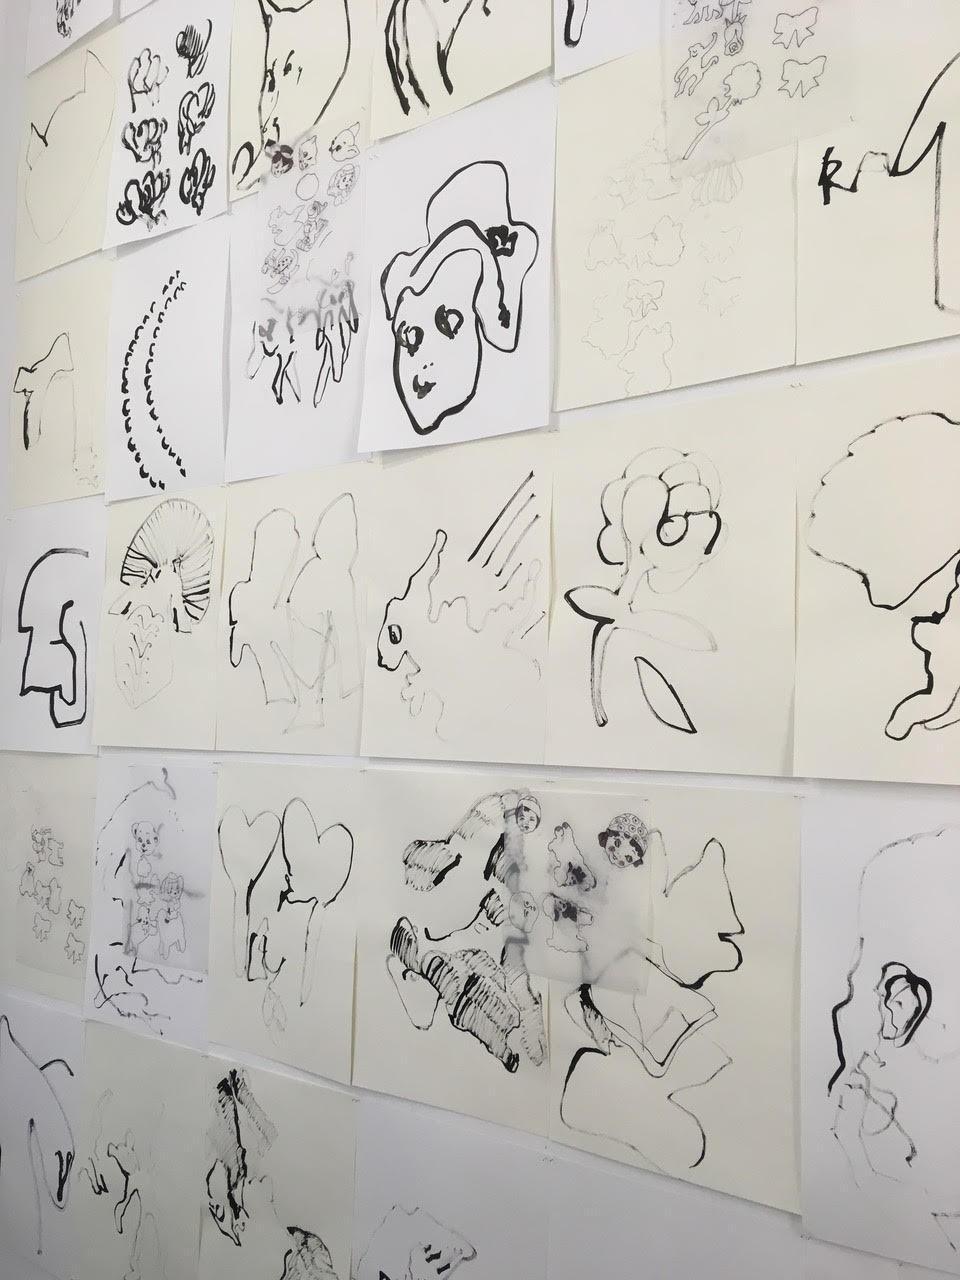 Plan D zeigt Kunst, die vorwiegend während des Corona-Lockdowns entstand